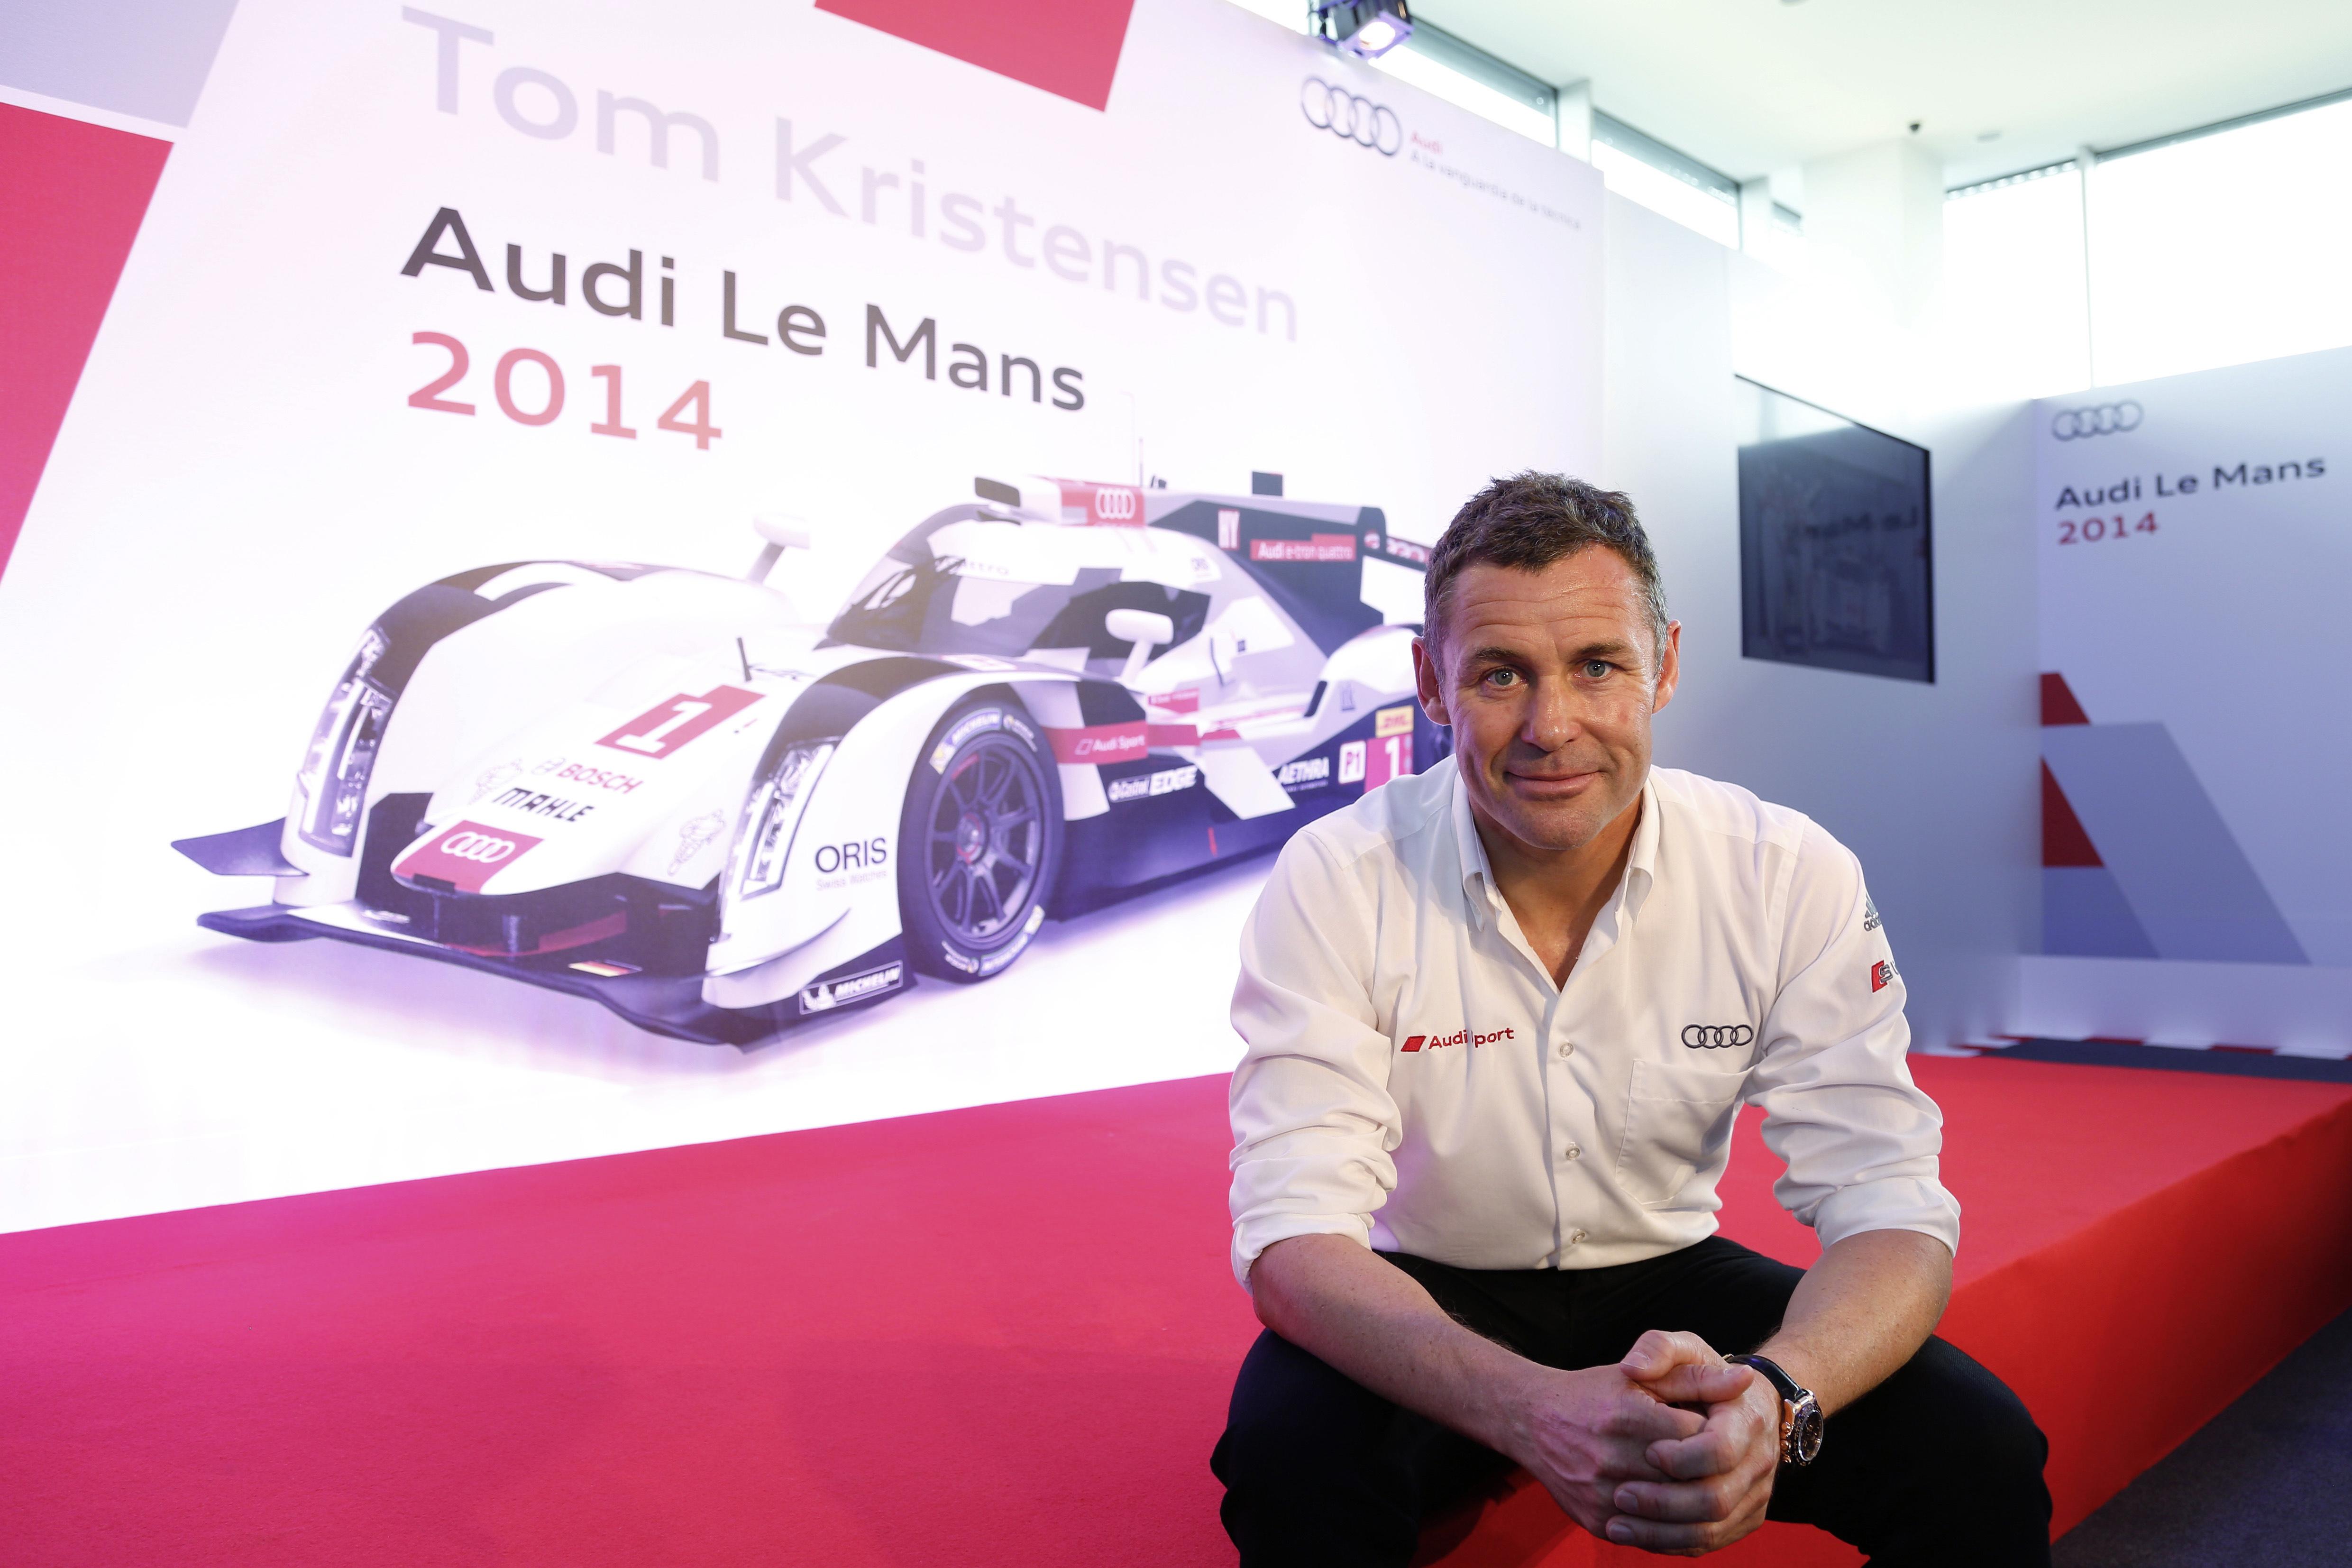 Einer der ganz Grossen des Sports tritt ab: Le-Mans-Rekordsieger Tom Kristensen bestreitet Ende November in S o Paulo (Brasilien) sein letztes Rennen als Profirennfahrer. Der 47 Jahre alte Daene bleibt der Marke mit den Vier Ringen als Repraesentant und Partner von Audi Sport erhalten.